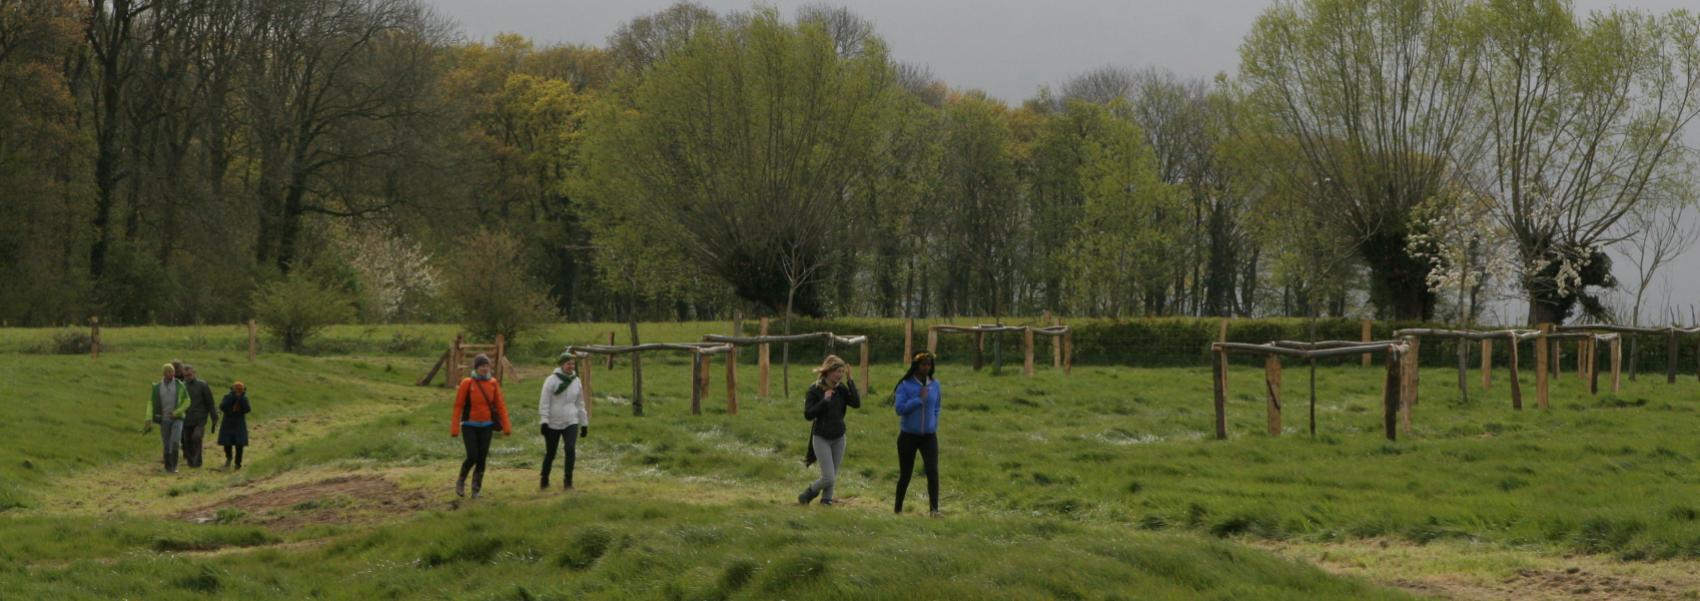 wandelaars in het landschap